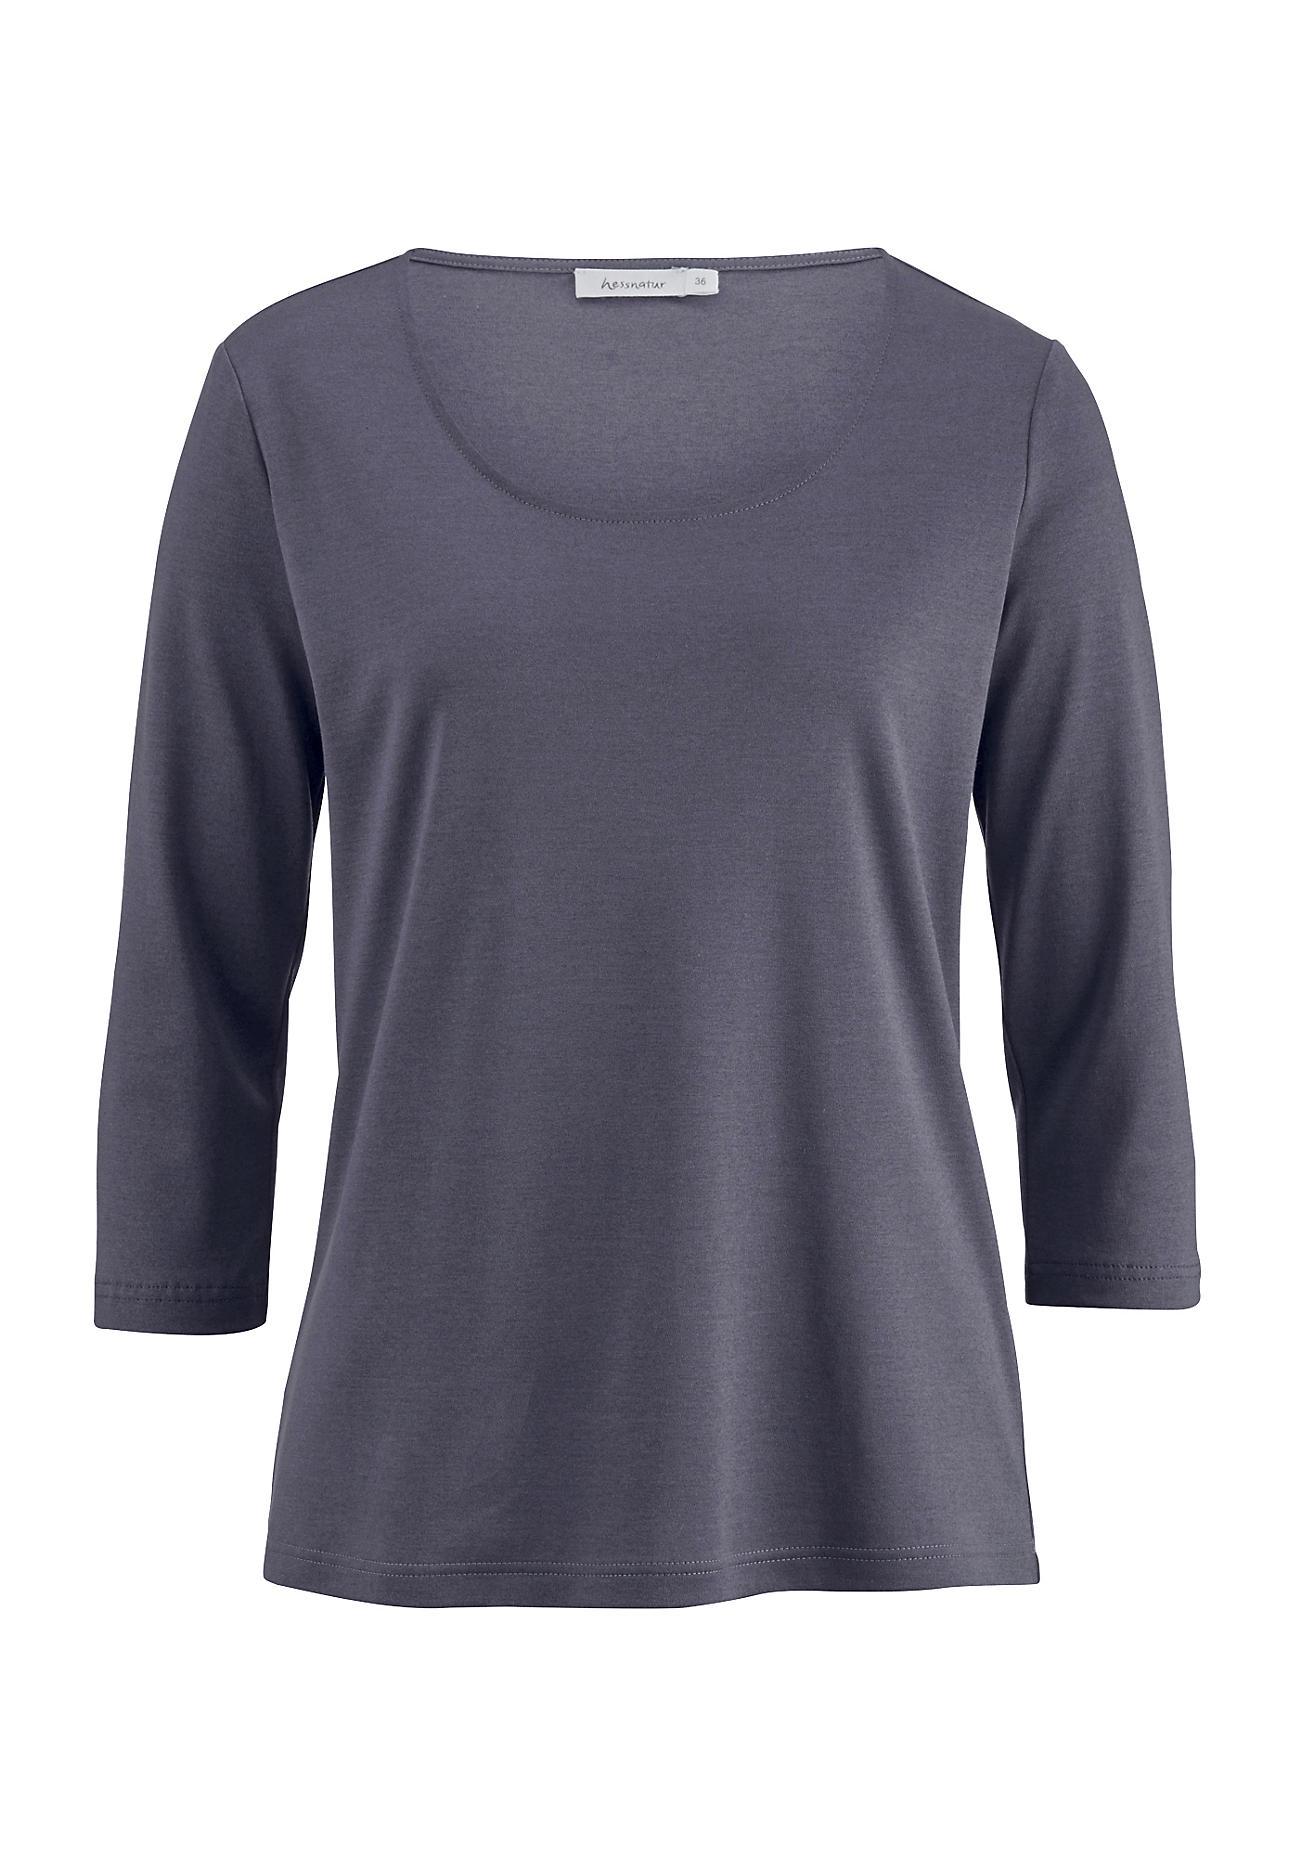 hessnatur -  Damen Shirt aus Baumwolle und Seide – lila – Größe 44